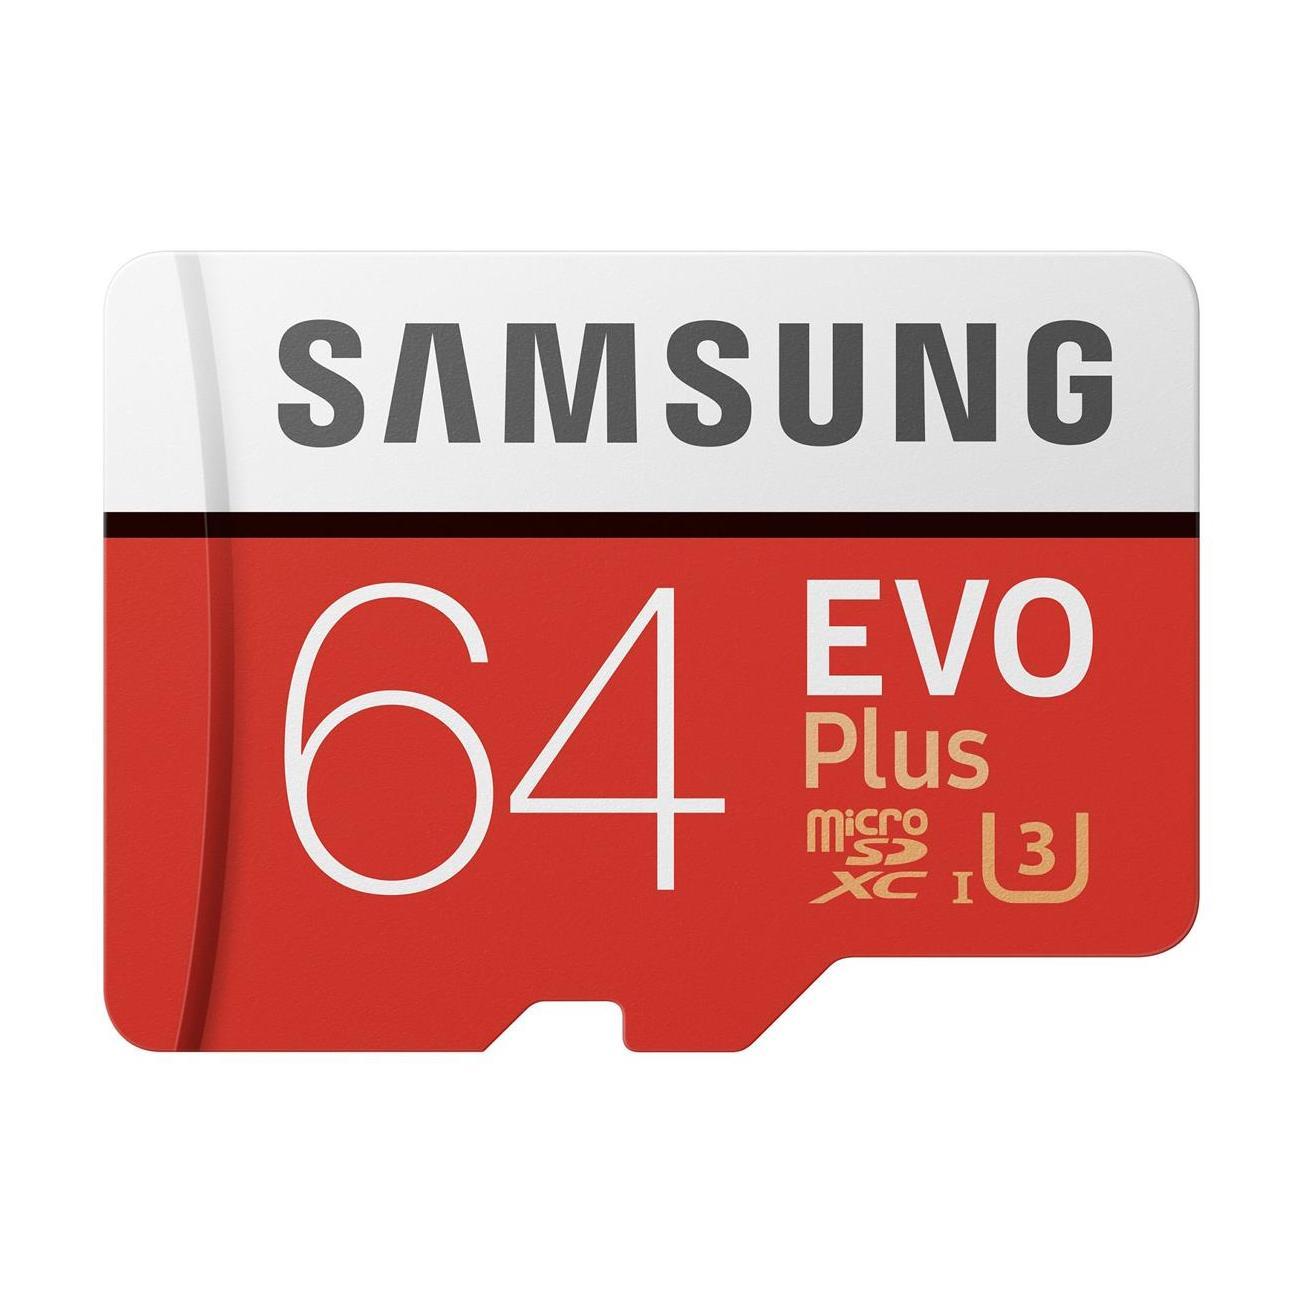 Evo Plus 64GB microSDXC Minnekort Class 10 U1